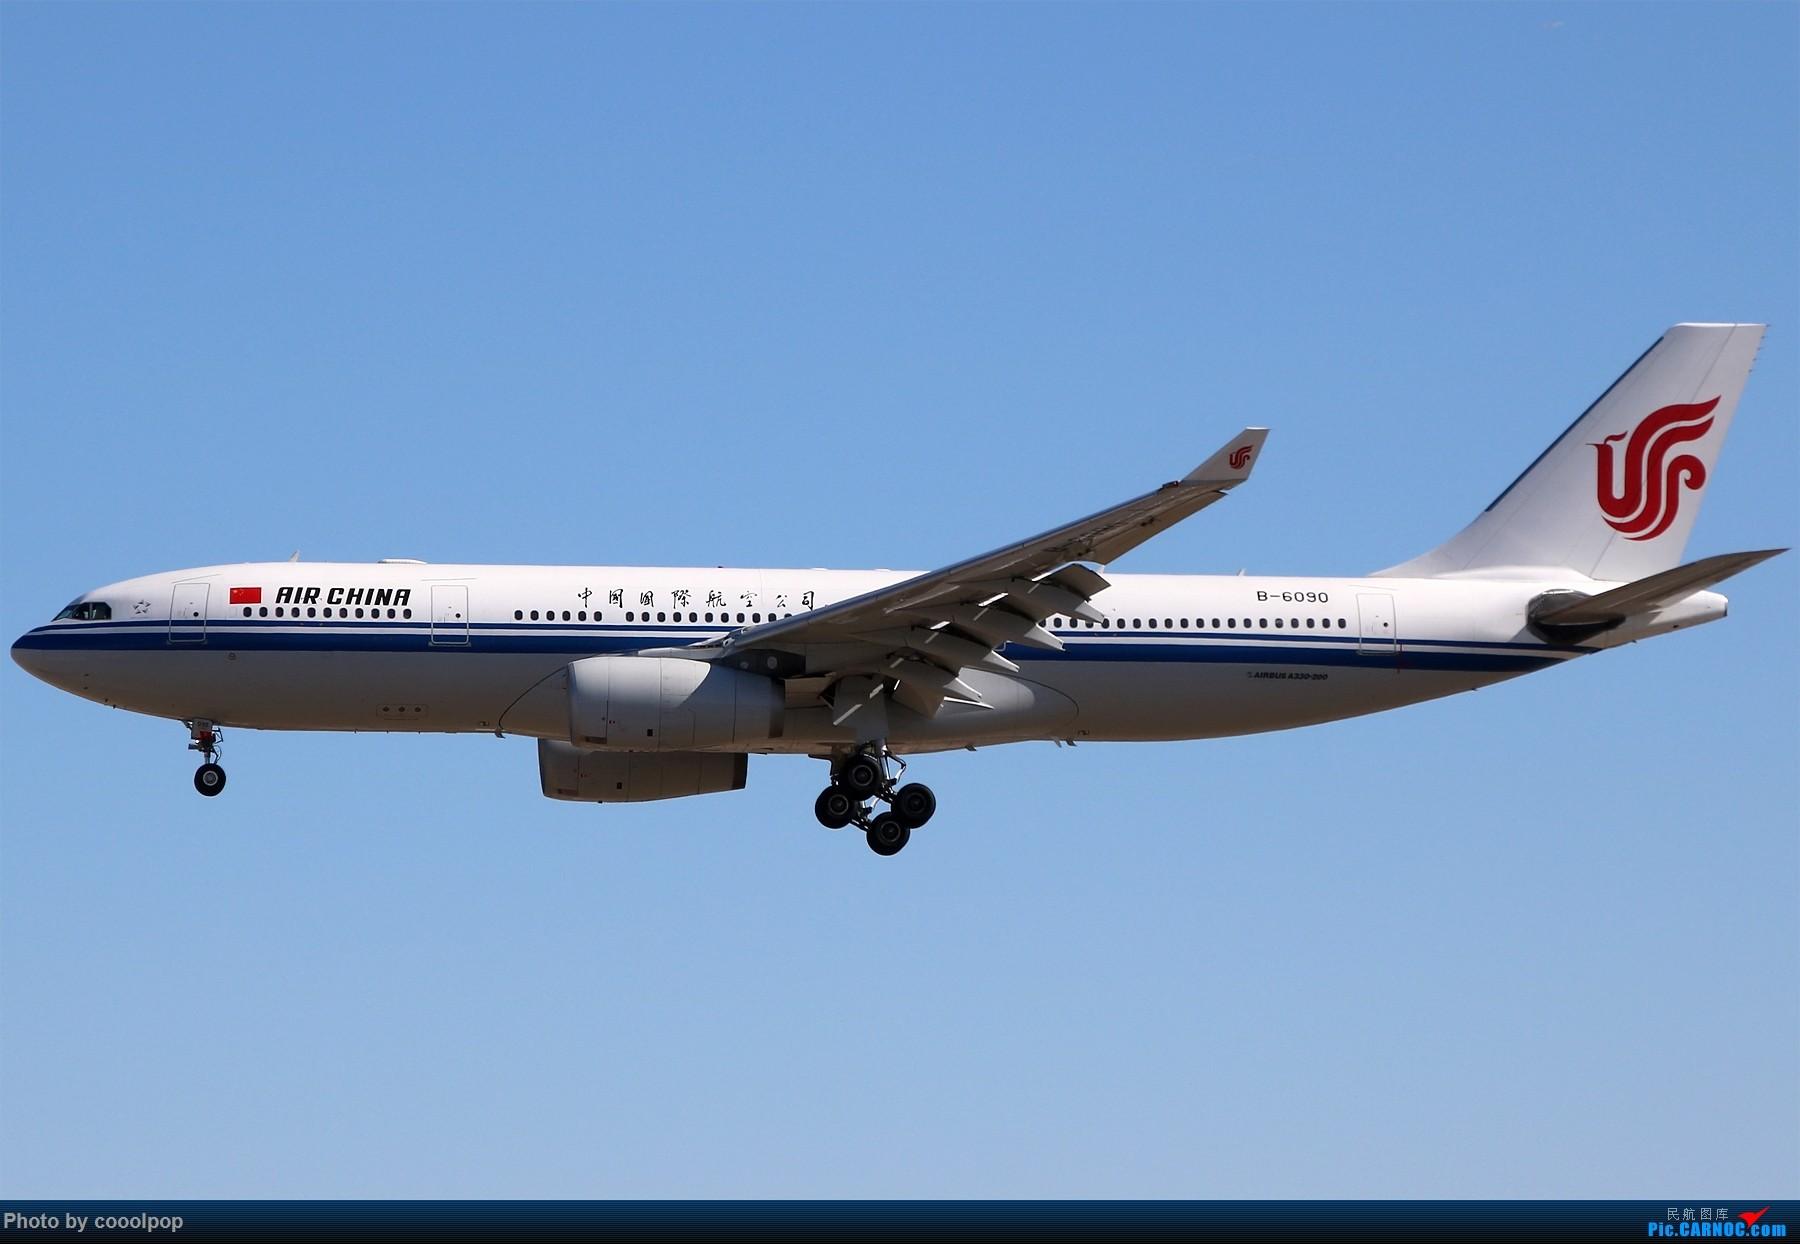 Re:[原创]PEK T3 桥上的一些大鸟!牌彩绘是要拼人品哒! AIRBUS A330-200 B-6090 中国北京首都国际机场